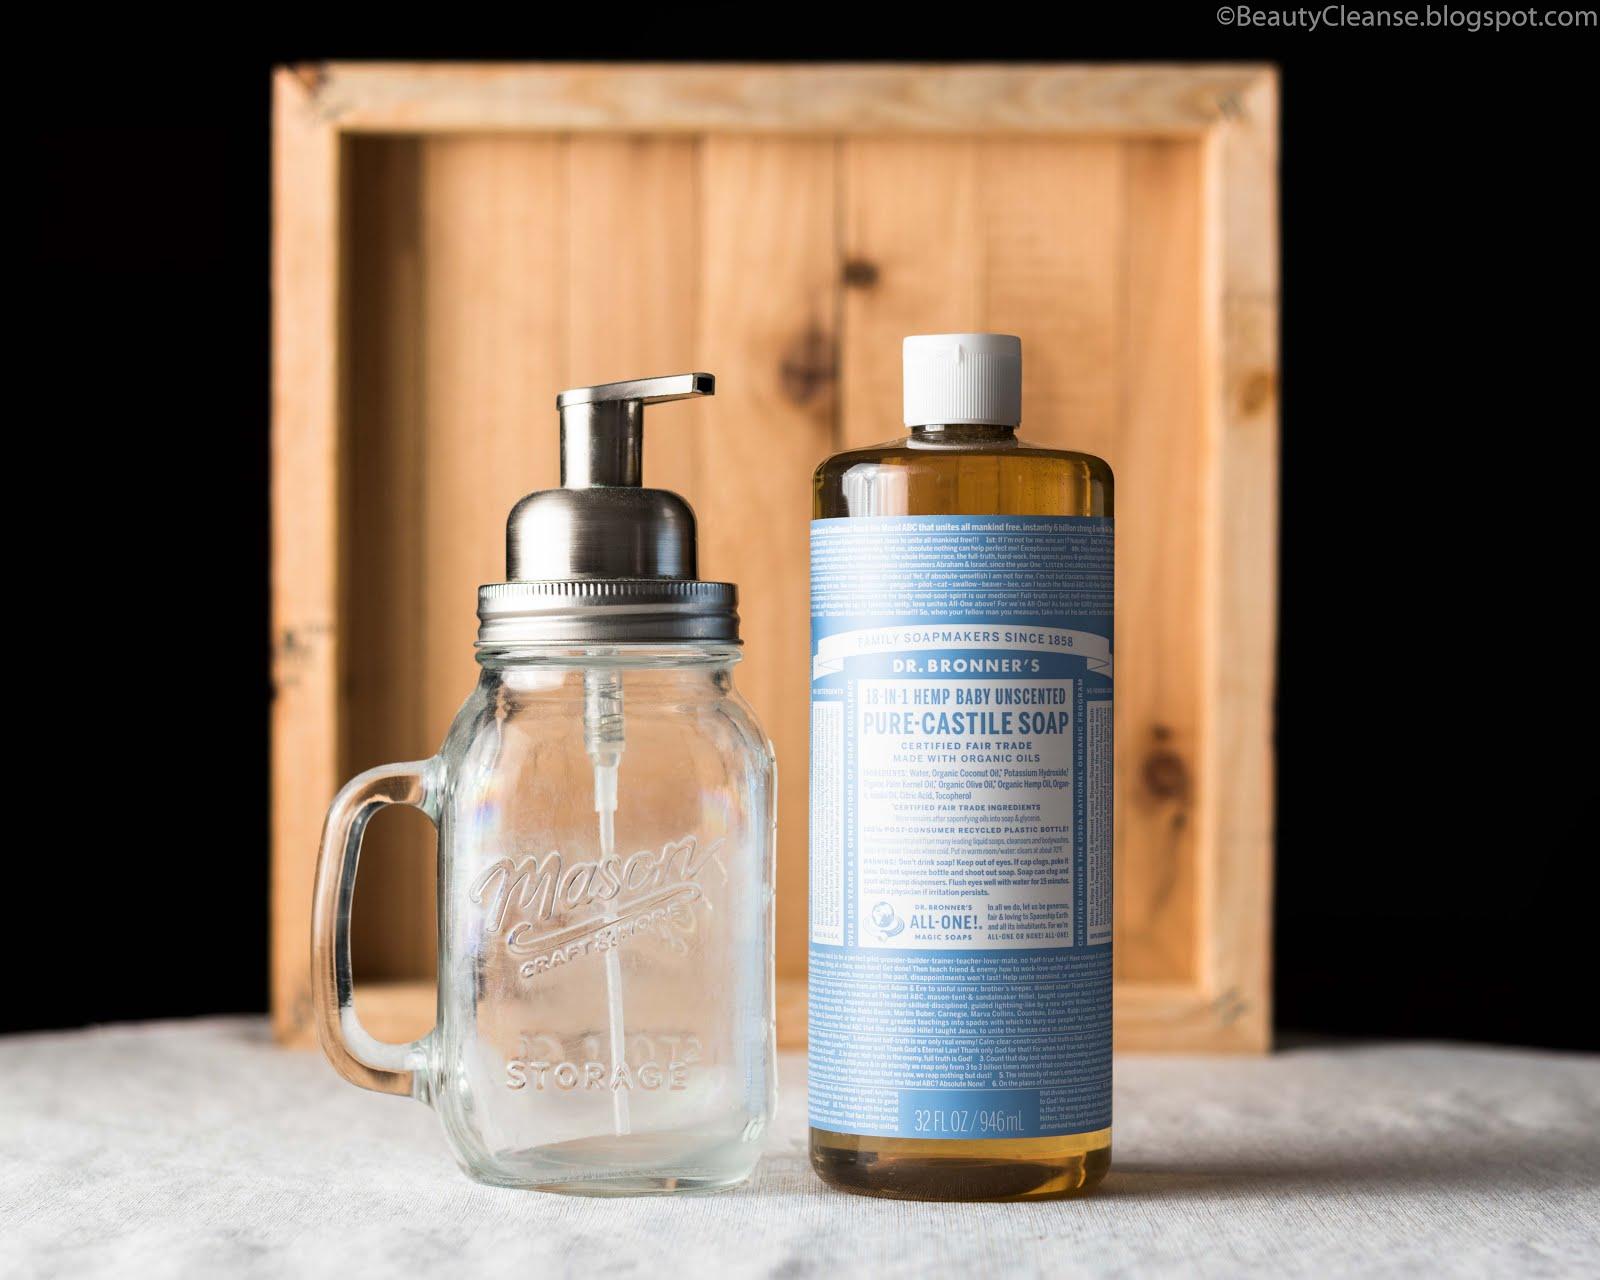 Magic Soaps Pure-Castile Liquid Soap Citrus Orange by dr bronners #22